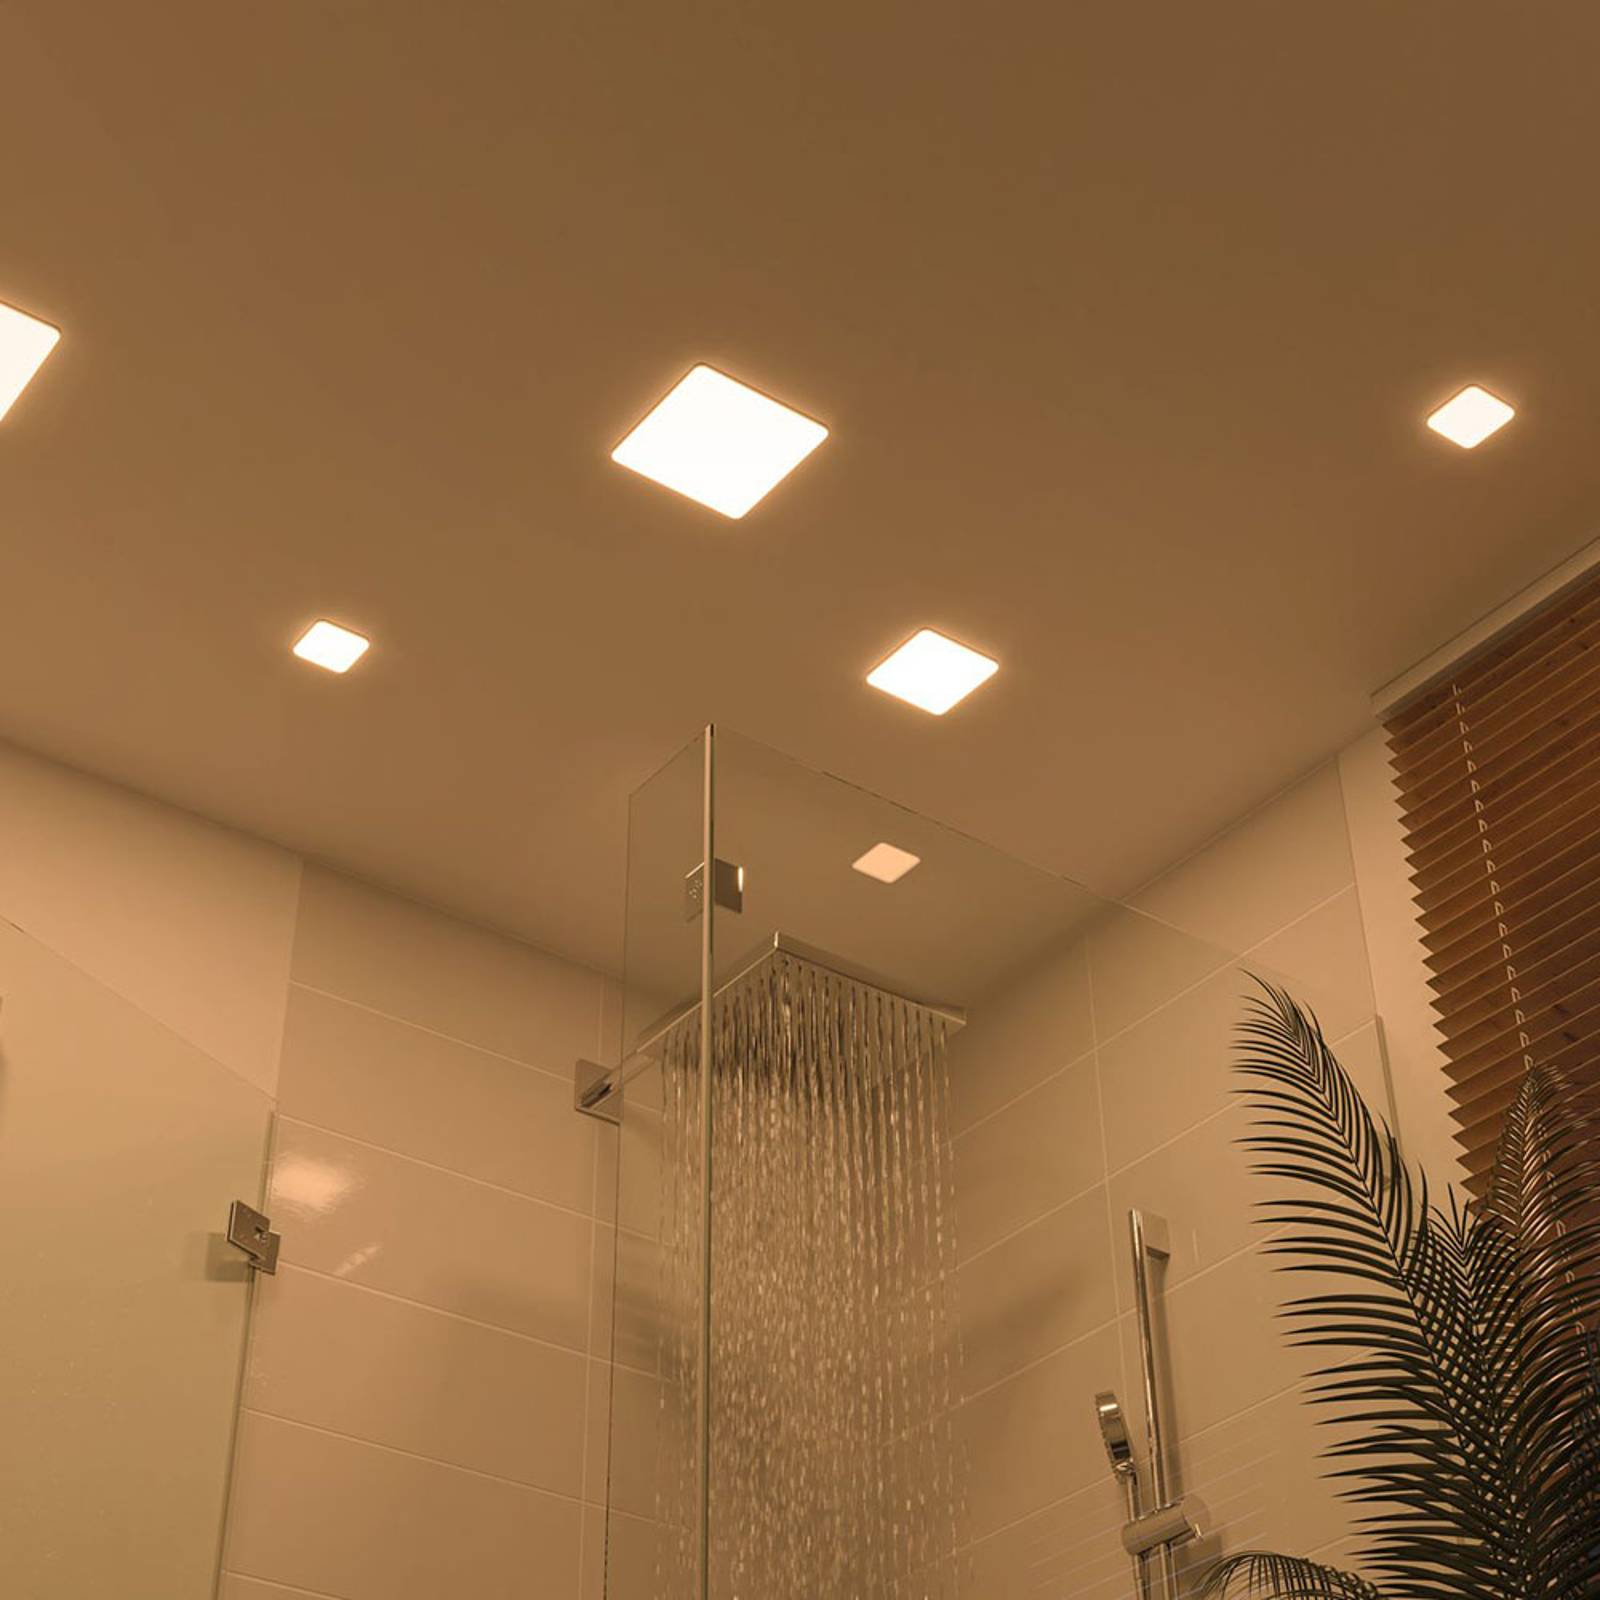 Paulmann-LED-paneeli Veluna 3 000 K, 12,5 cm